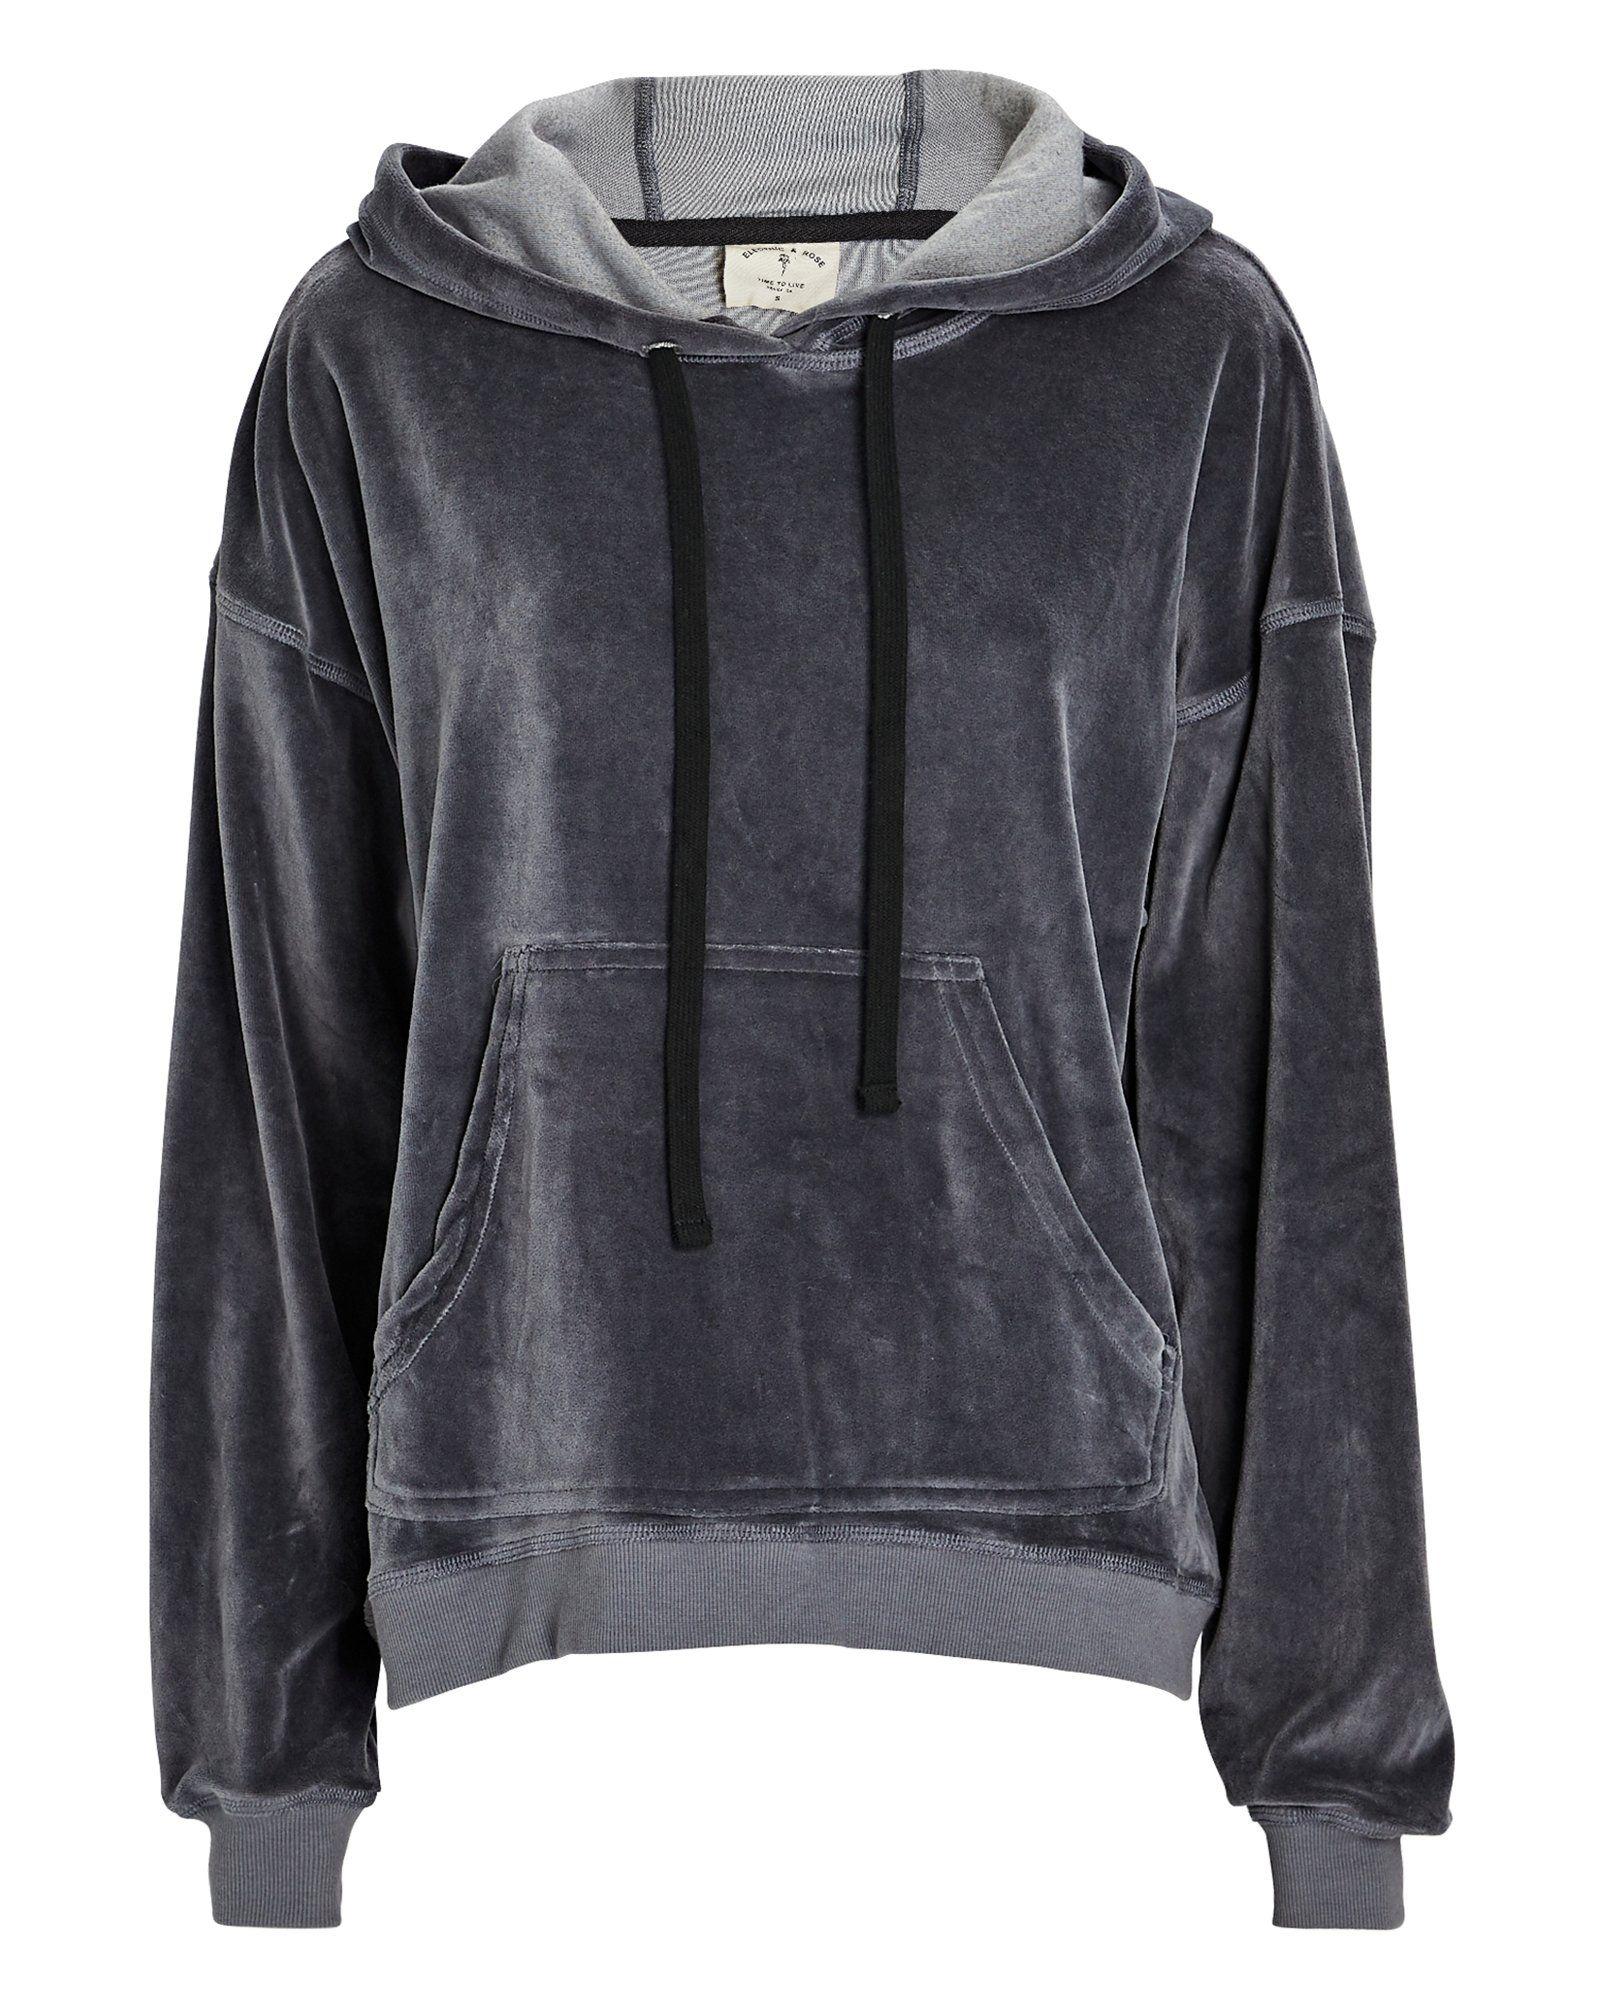 Mateo Hooded Velour Sweatshirt In 2021 Womens Designer Hoodies Hoodie Design Sweatshirts [ 2000 x 1600 Pixel ]